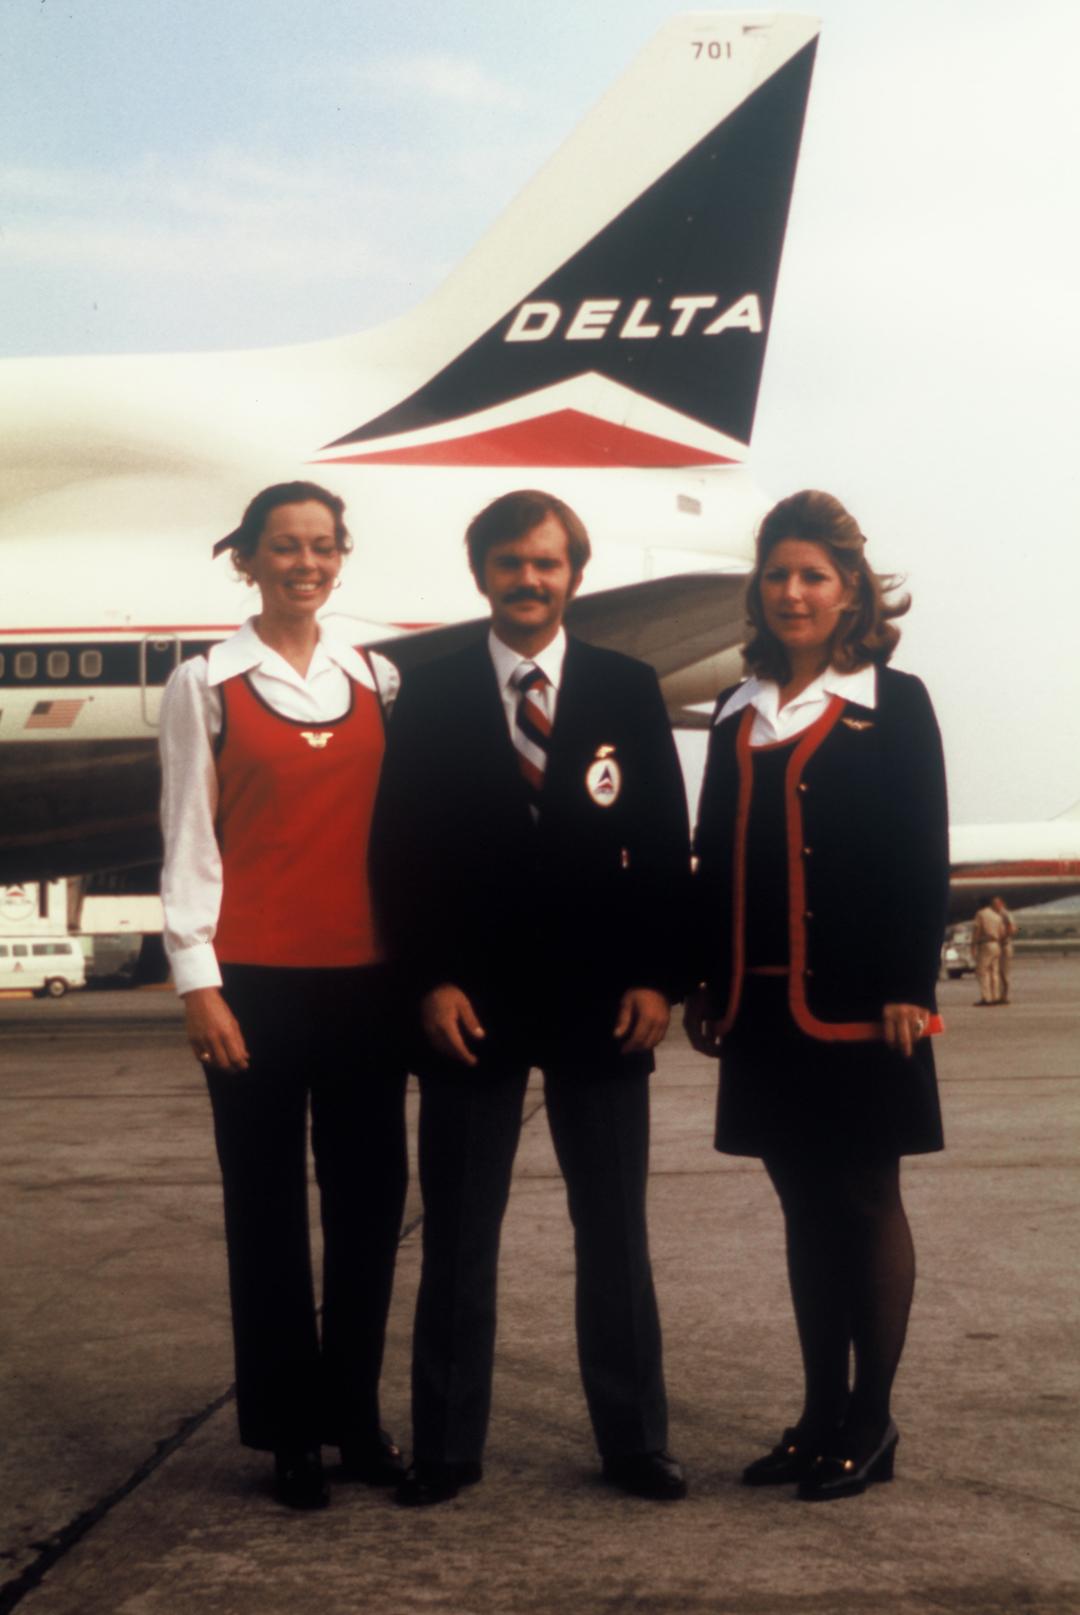 Delta Uniforms 1973-1975